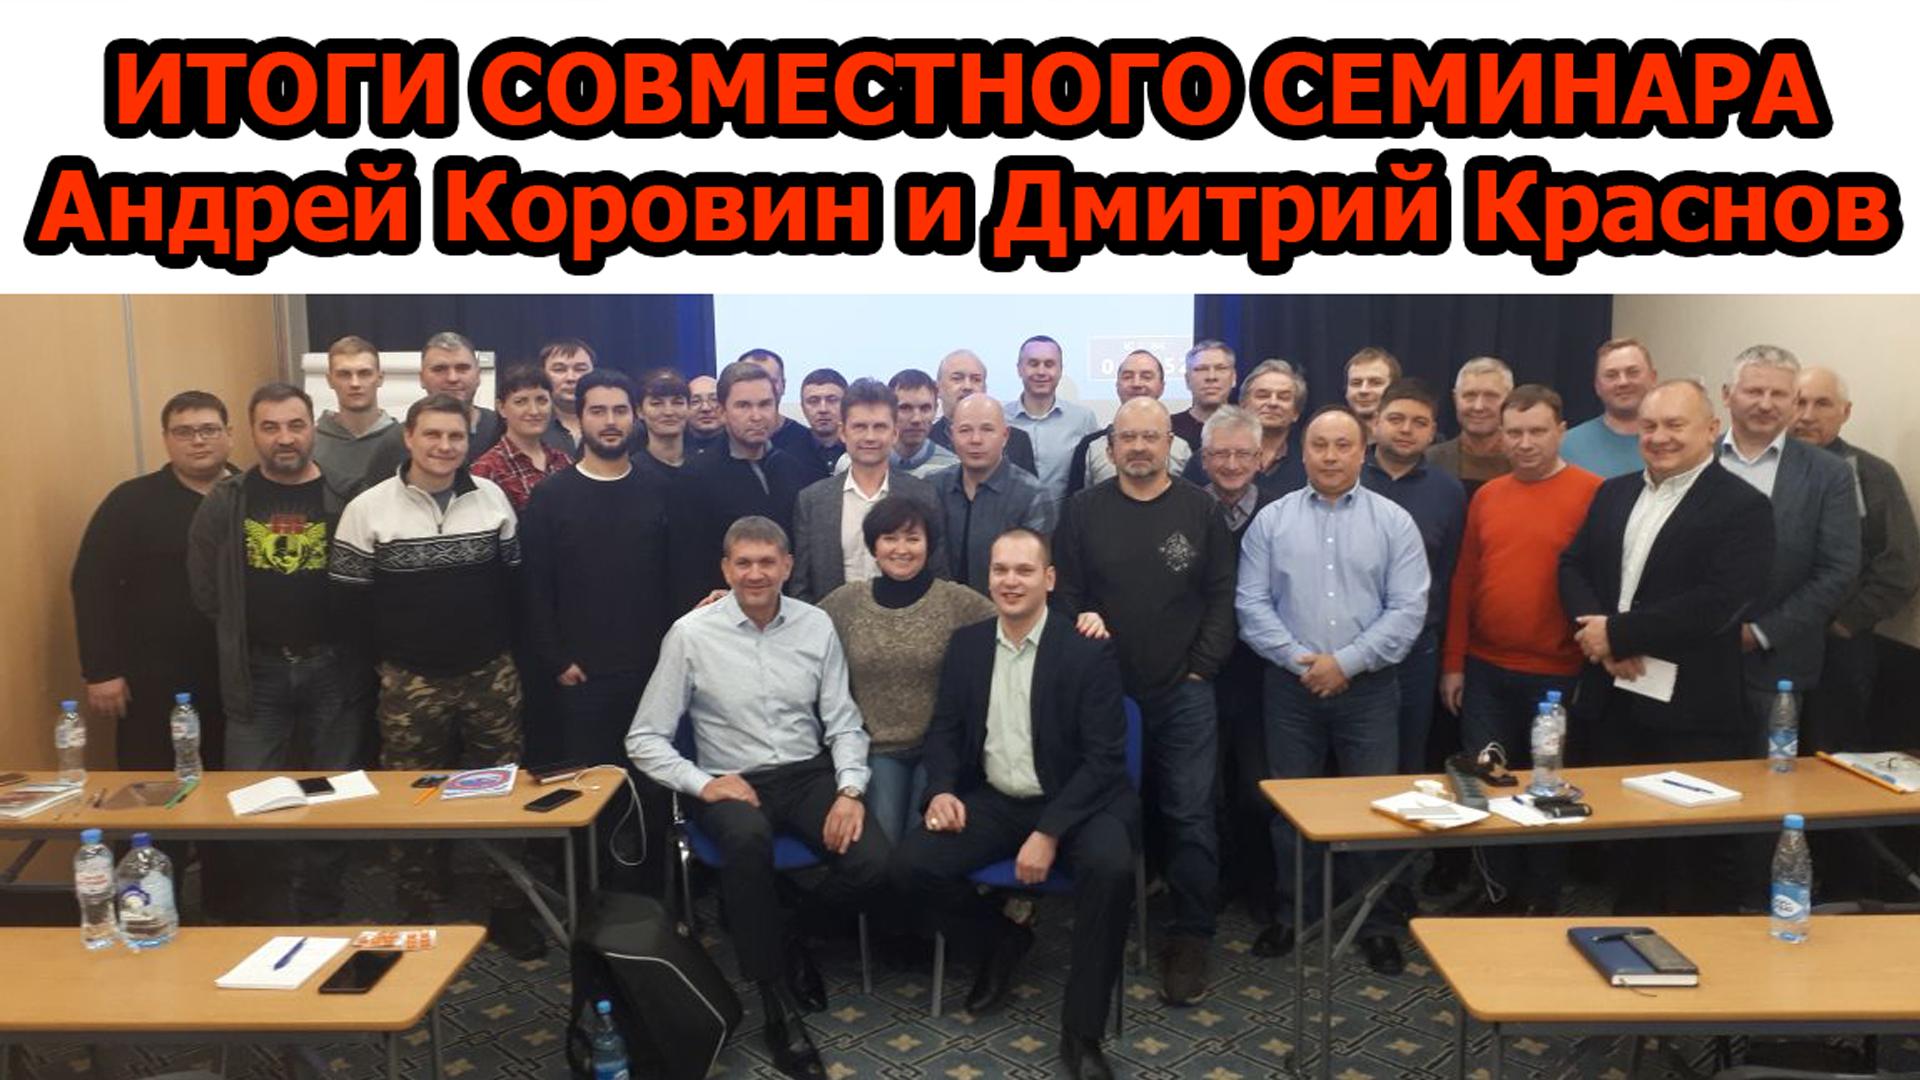 Итоги совместного семинара в Москве 22-23 декабря